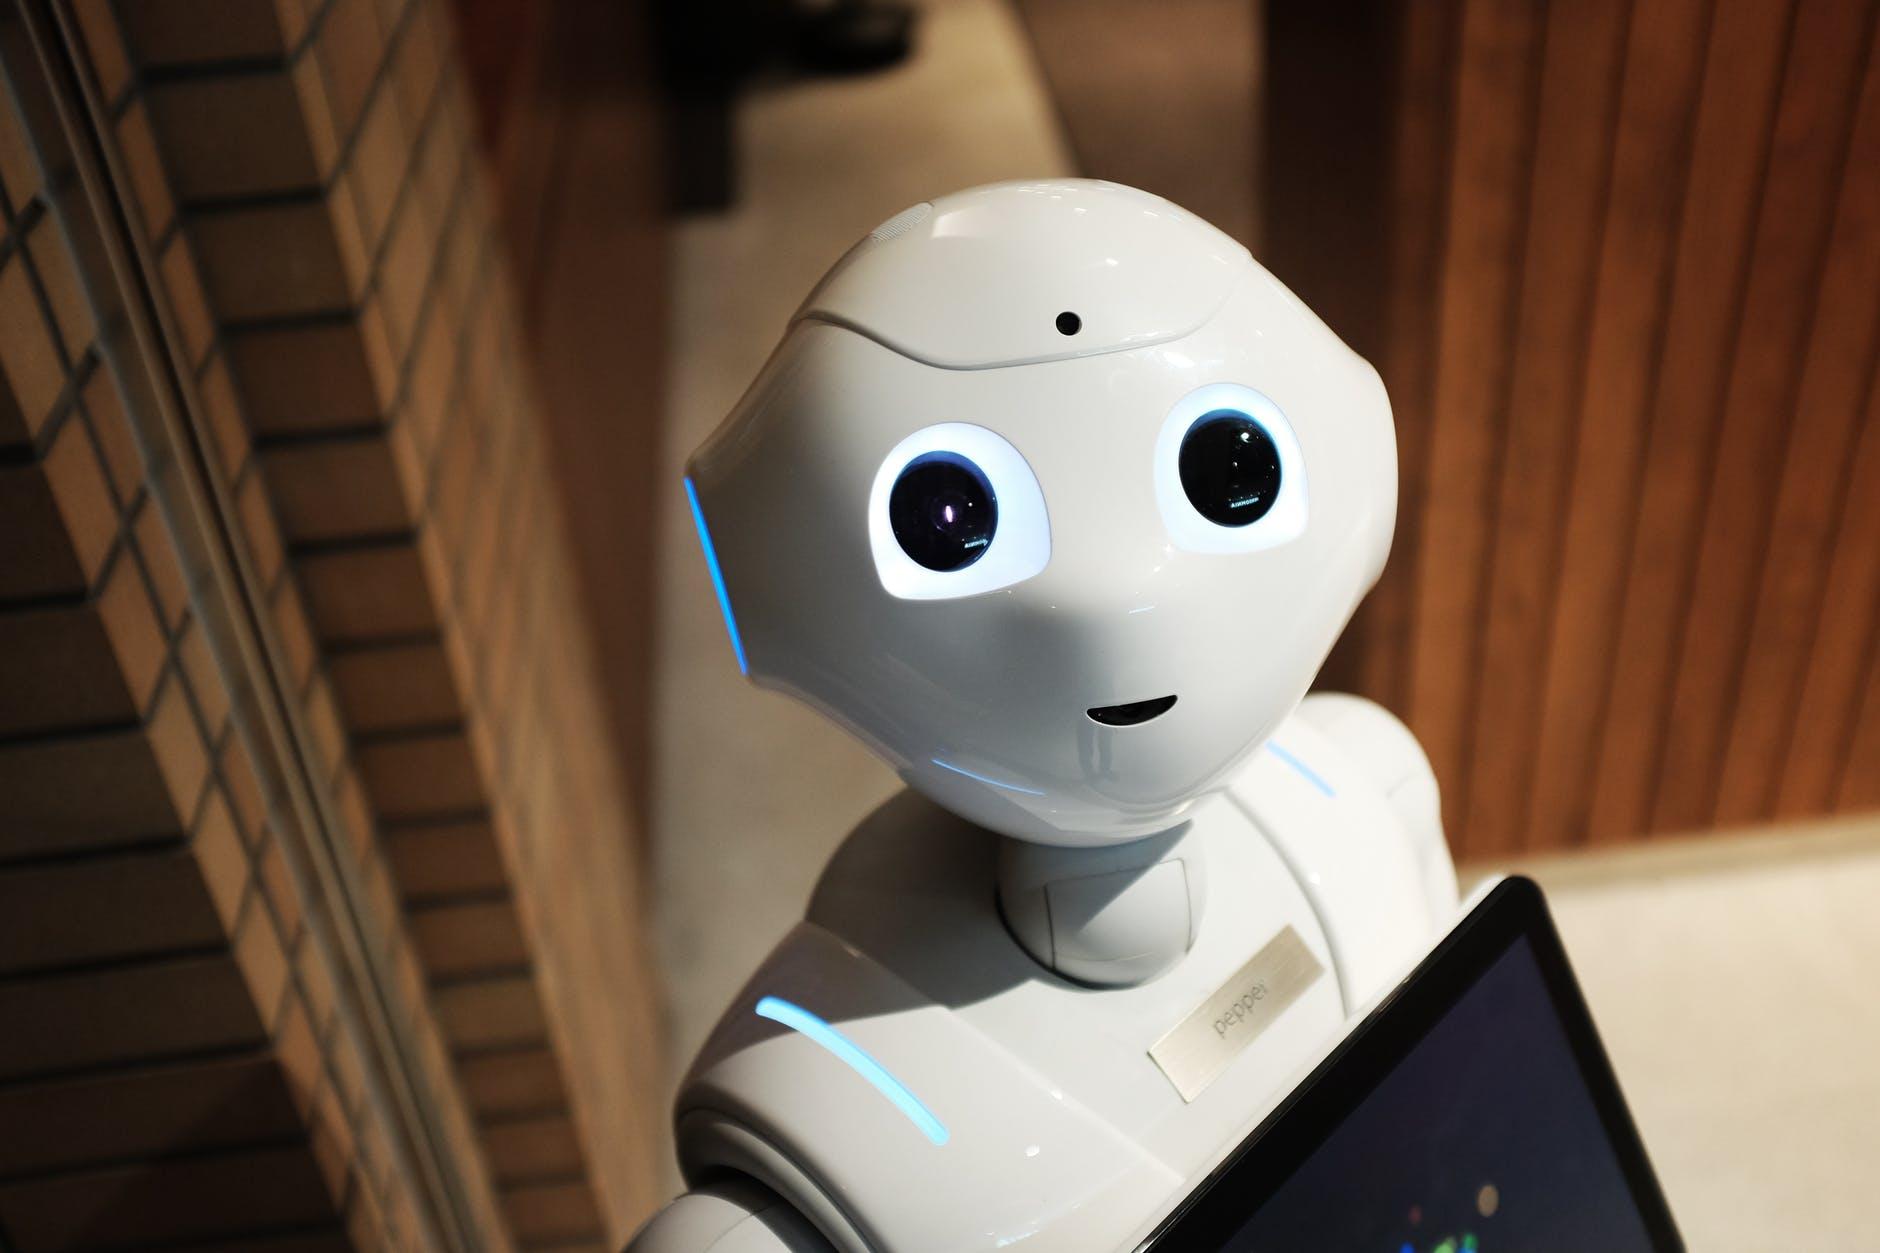 רובוטיקה לילדים – באיזה גיל אפשר להתחיל?